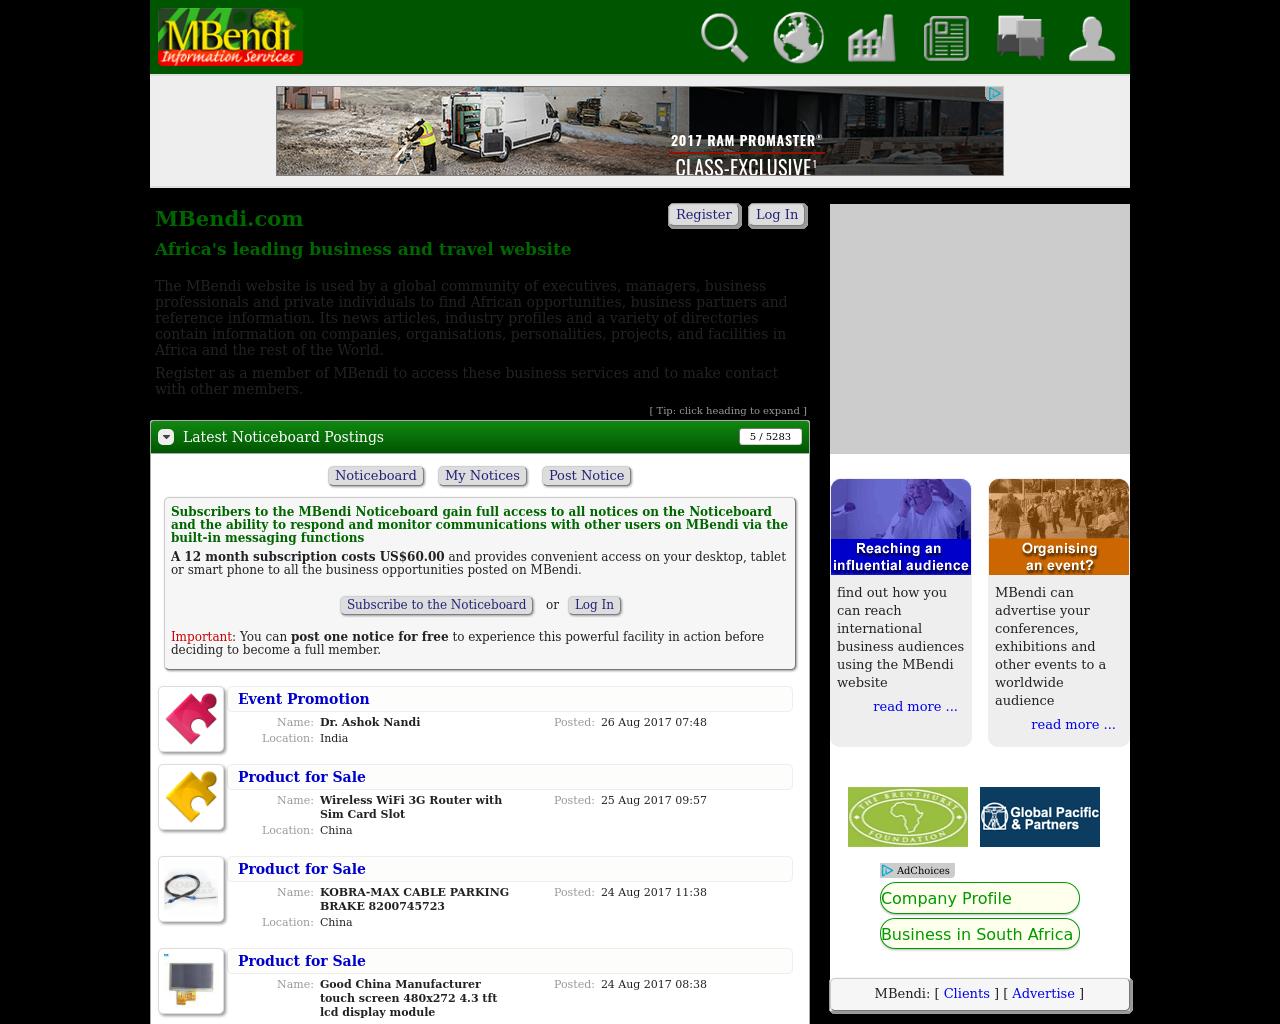 MBendi-Advertising-Reviews-Pricing